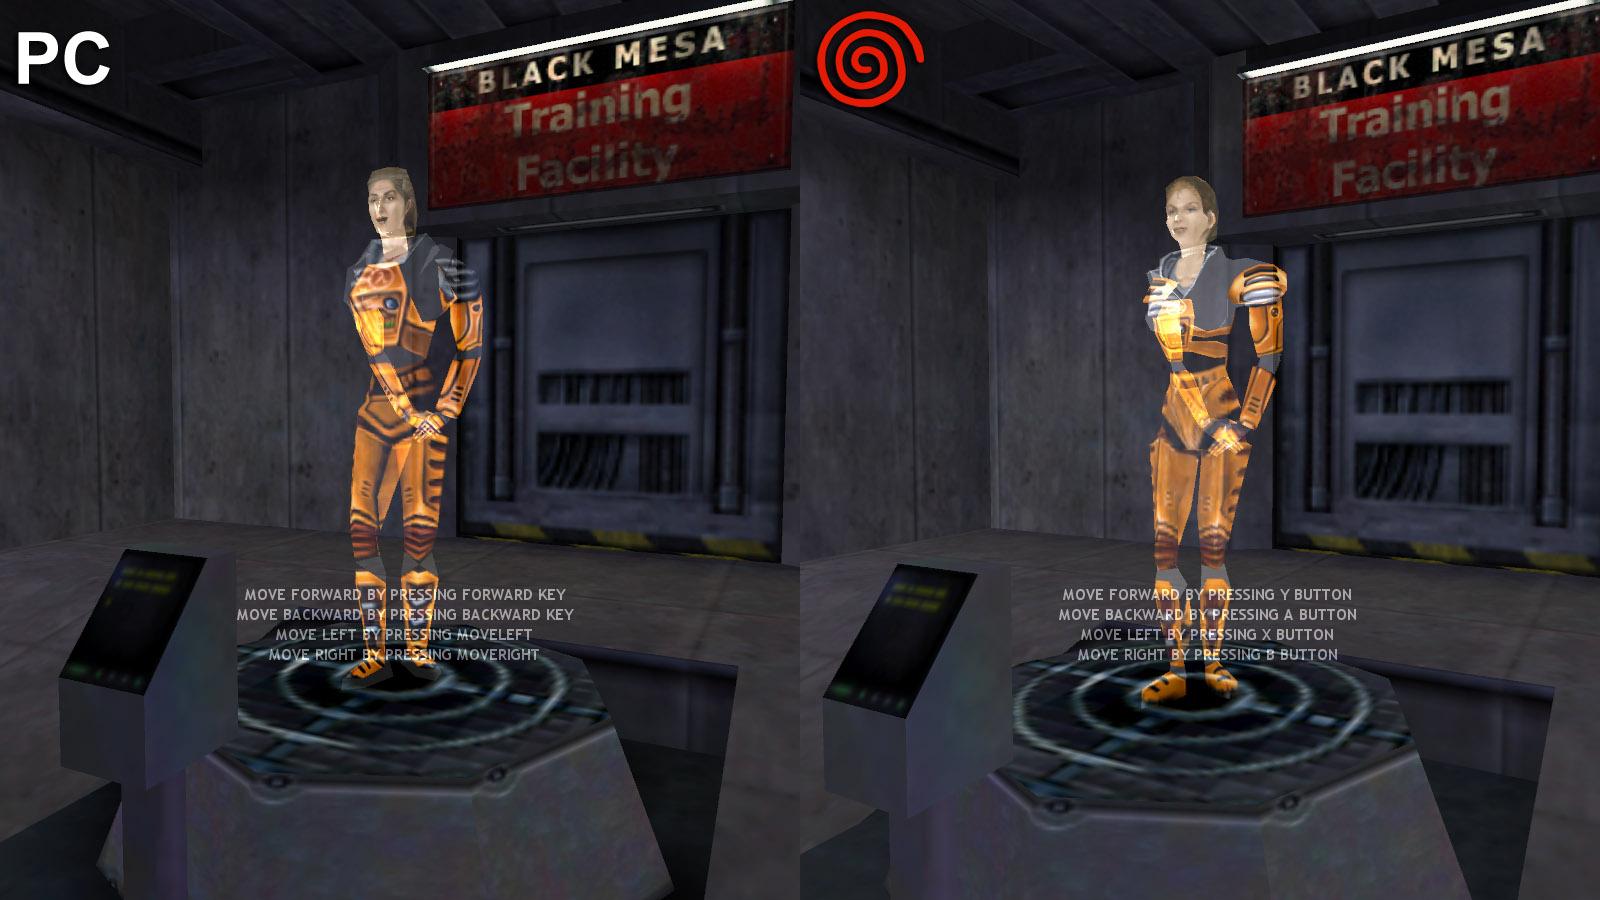 Holo Image Half Life Dreamcast Mod For Half Life Mod Db